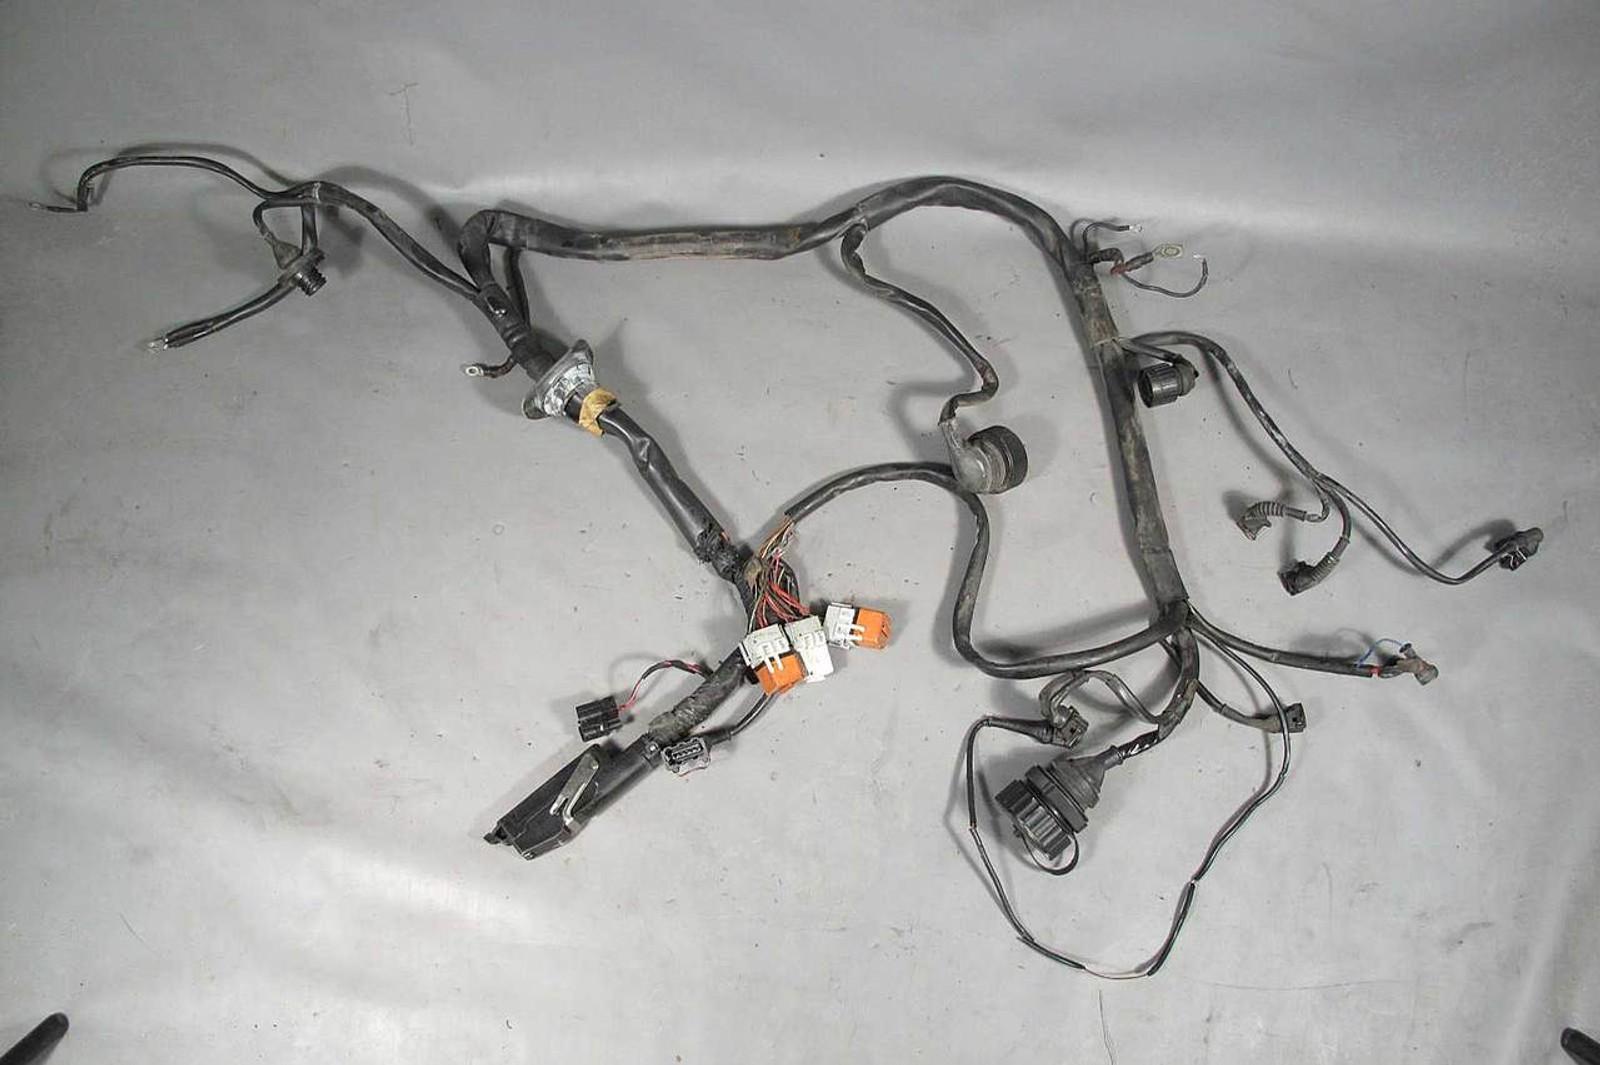 e30 bmw e30 325i m20 2 5l engine wiring harness complete auto trans  1989 e wiring harness 1990